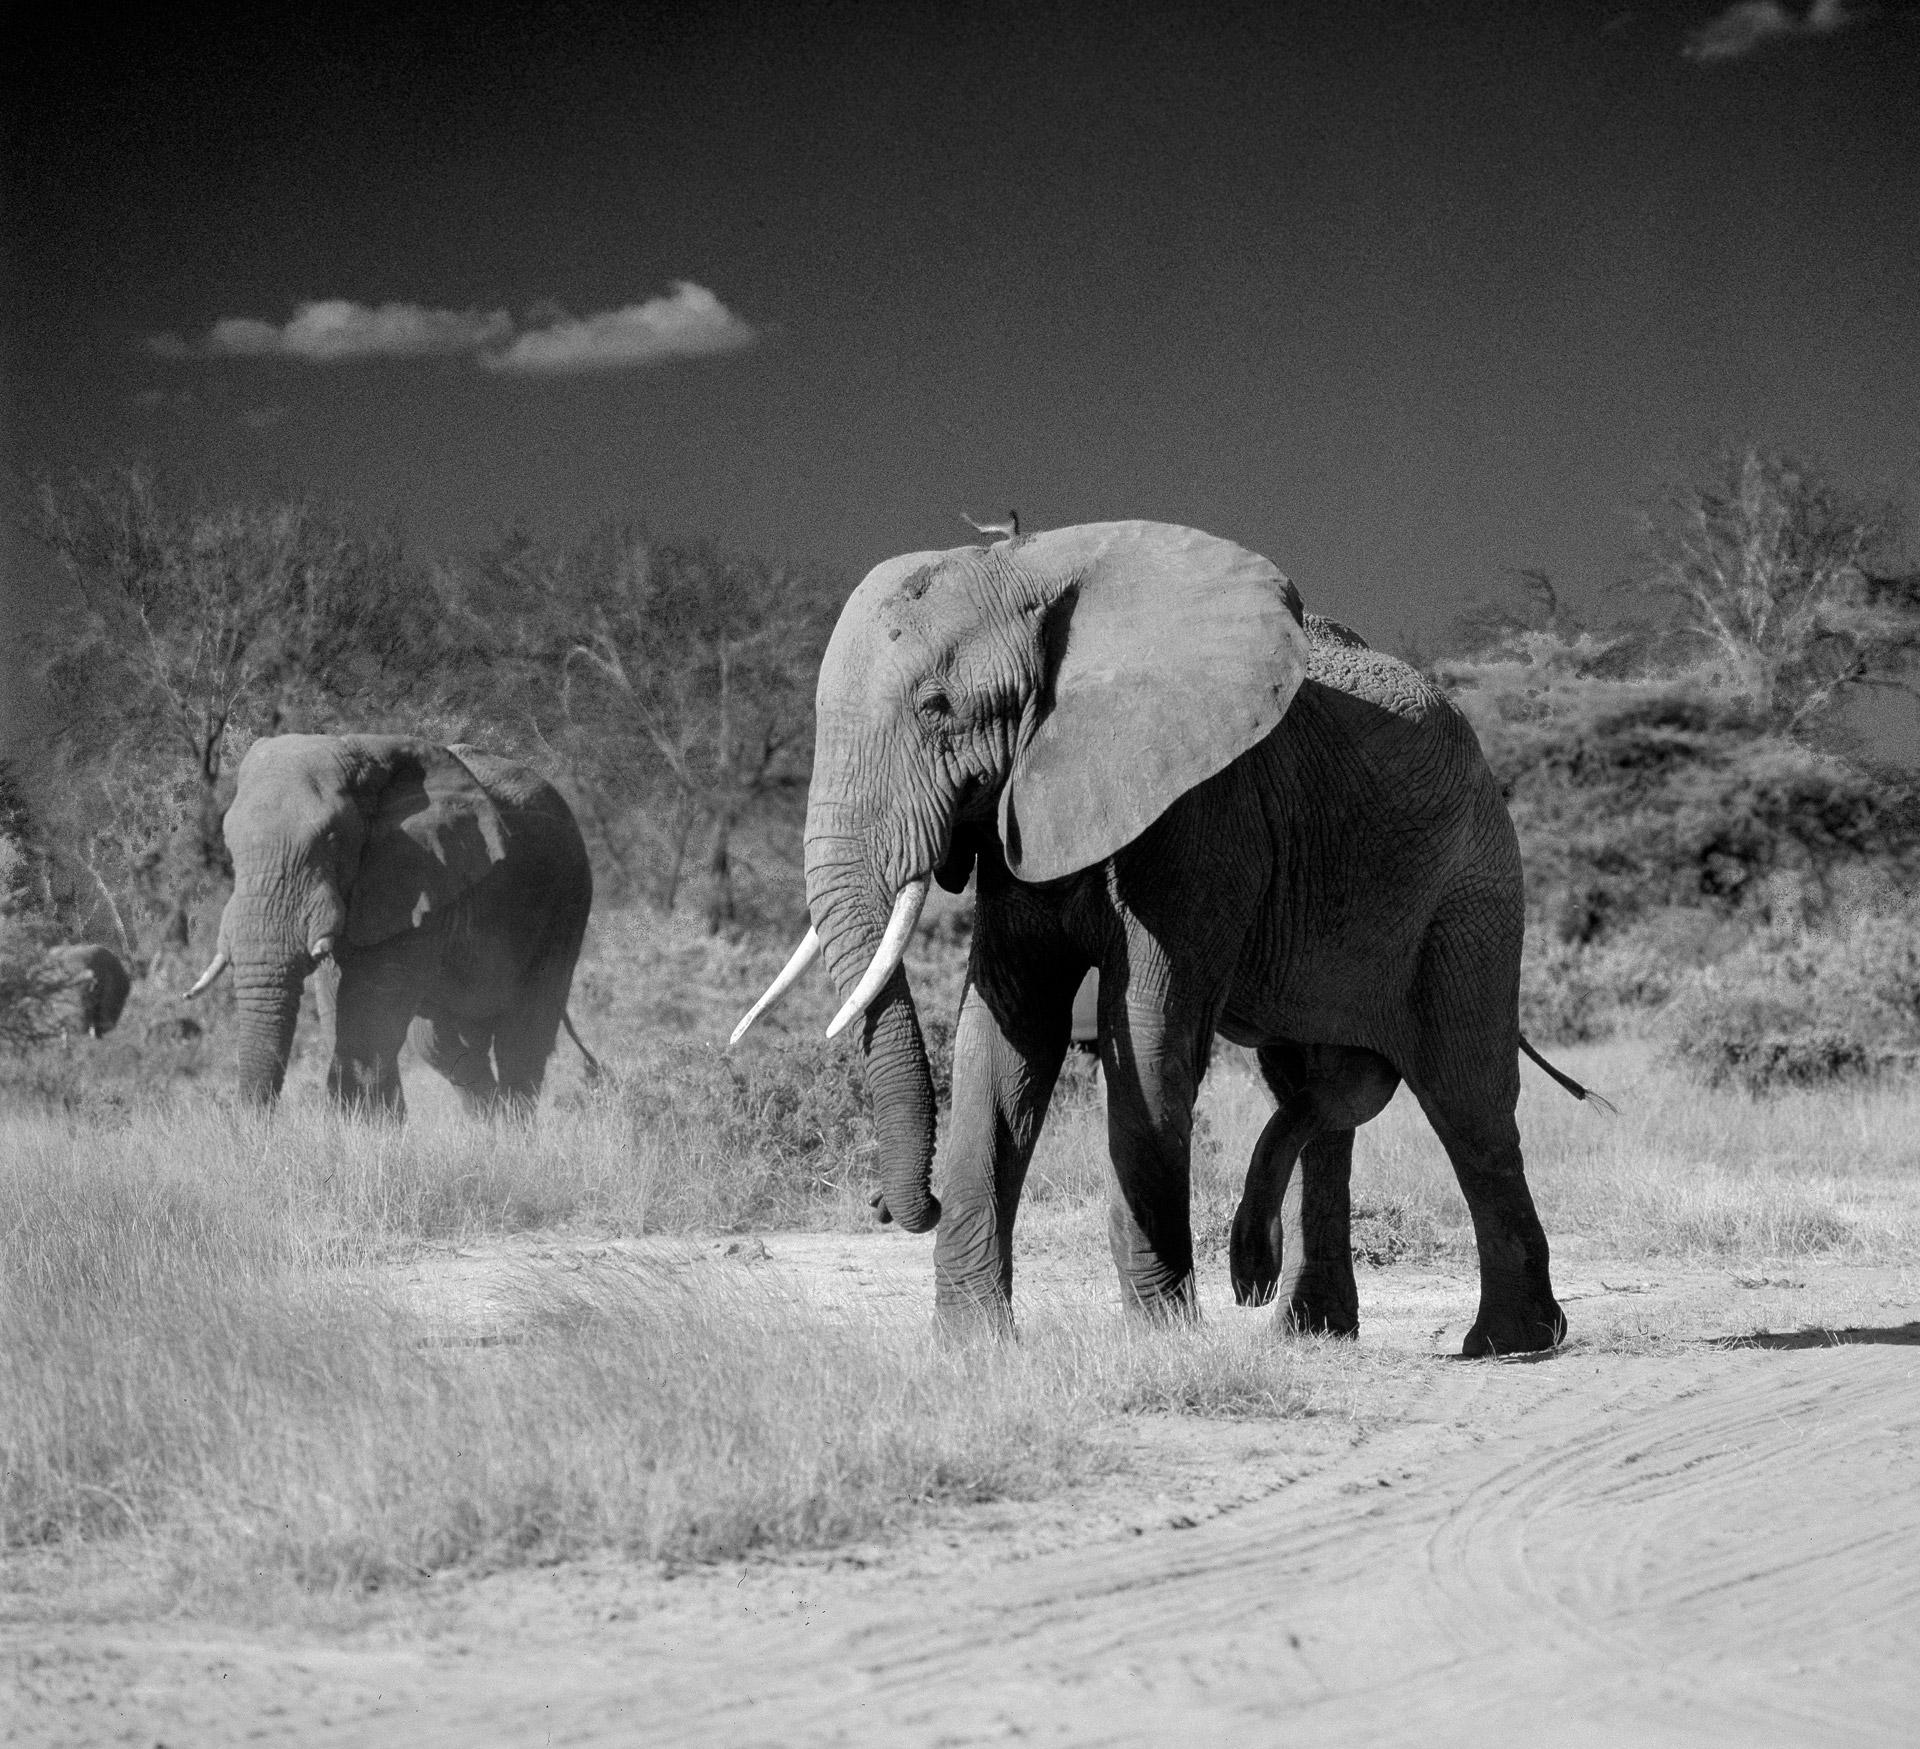 A bull elephant chasing female elephants in Samburu National Reserve in Northern Kenya